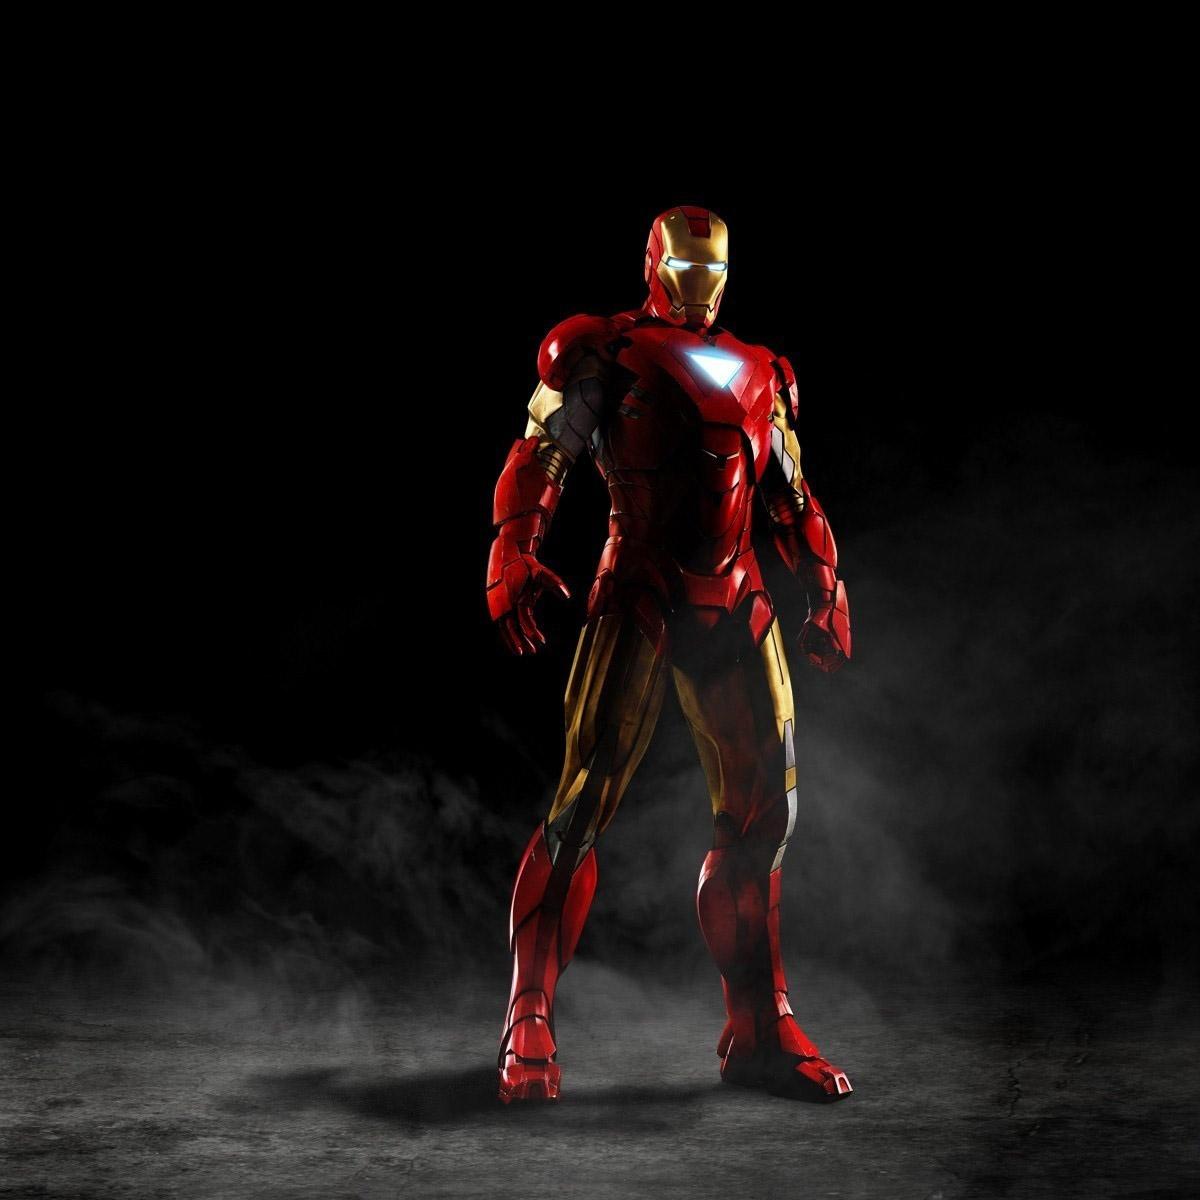 wallpaper: Iron Fist Wallpaper Marvel